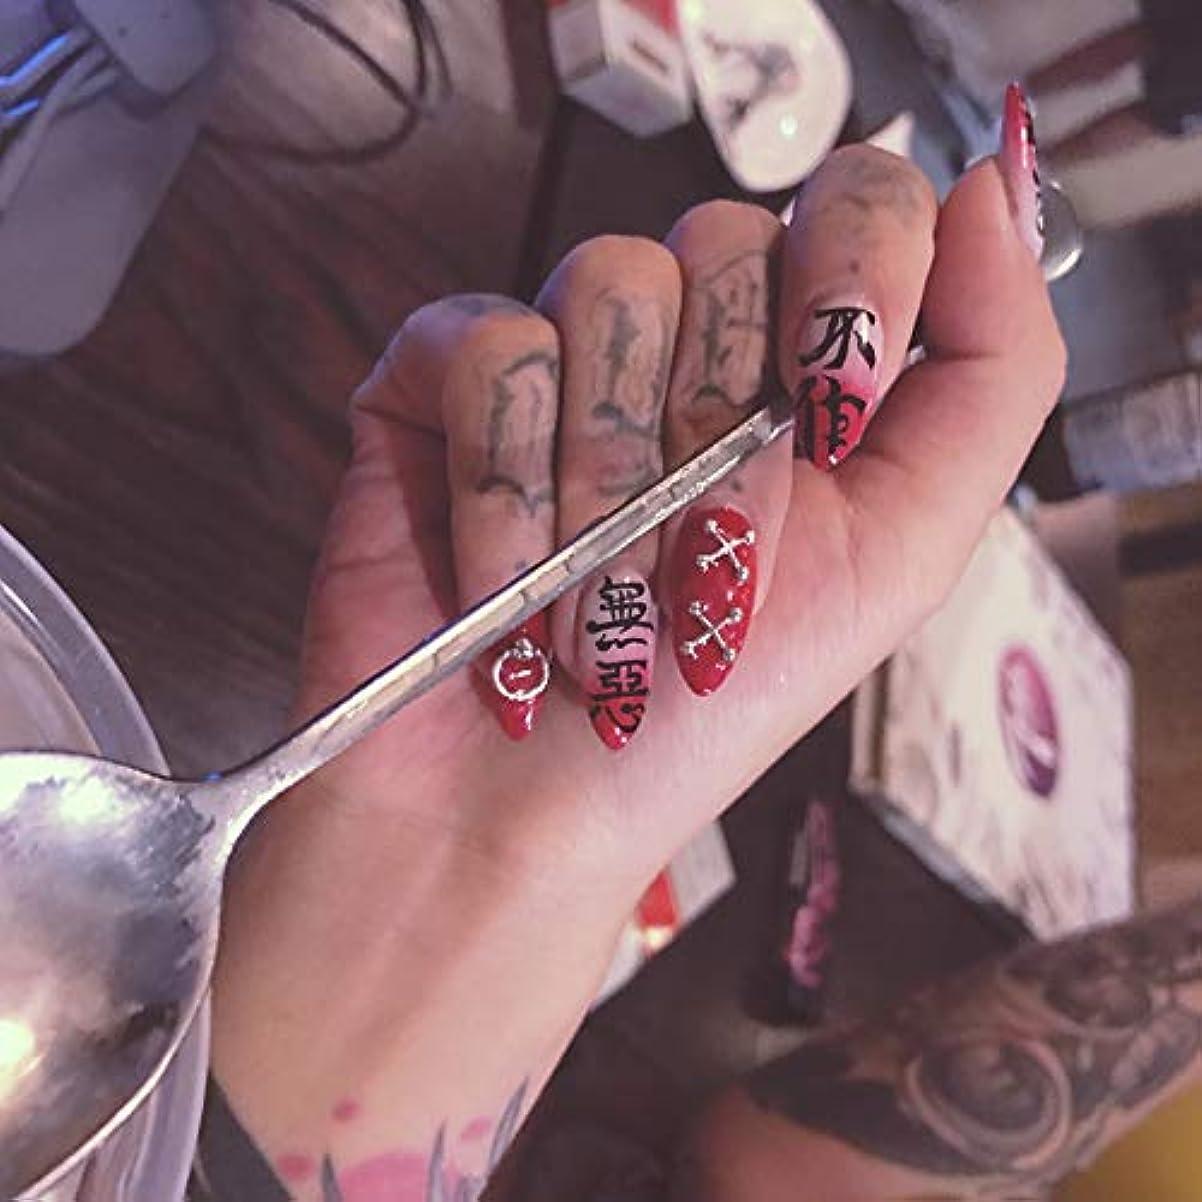 認証酸みすぼらしいXUTXZKA 書かれた言葉偽の爪偽の女性の完全な爪の先端サイズで徐々に赤い純粋な色